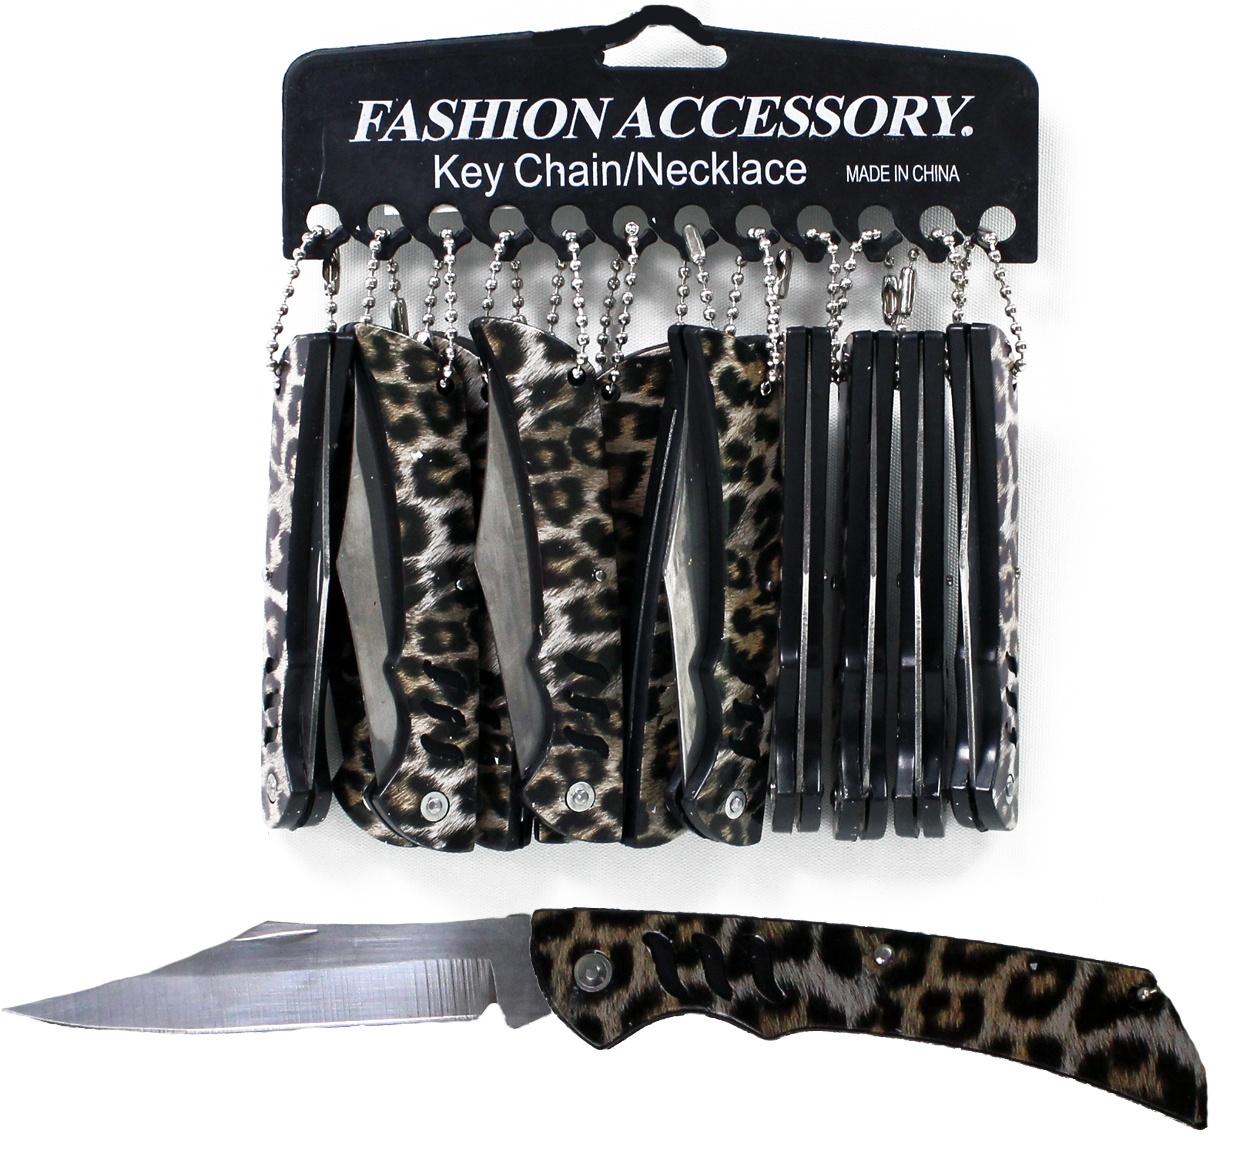 Taschenmesser Leopardendesign mit Kette - ca 95 mm